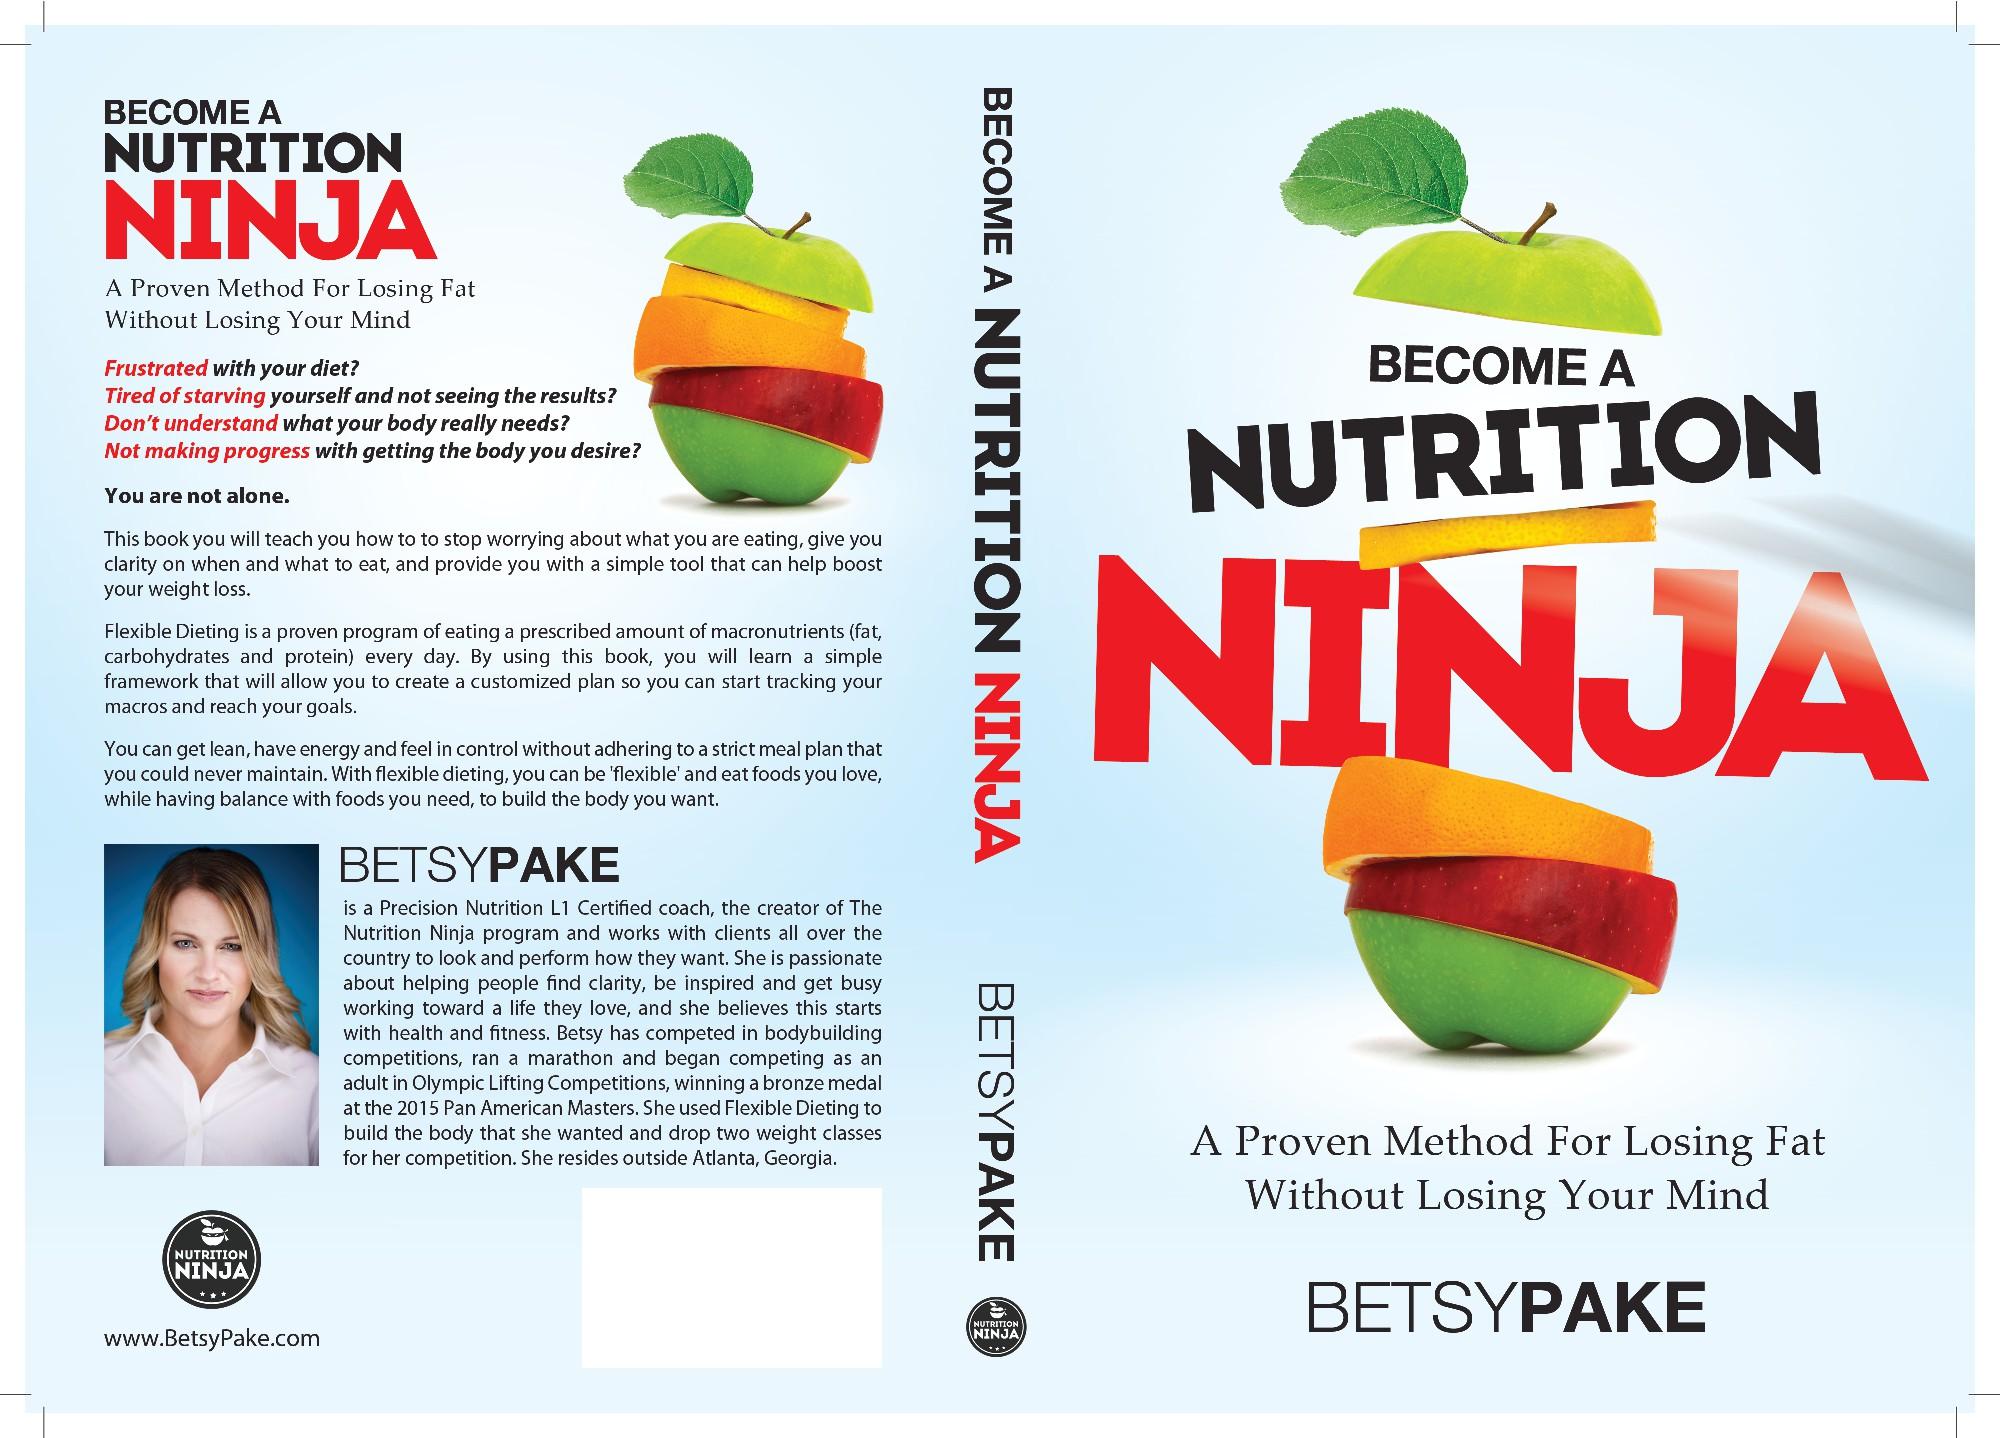 Become a Nutrition Ninja.